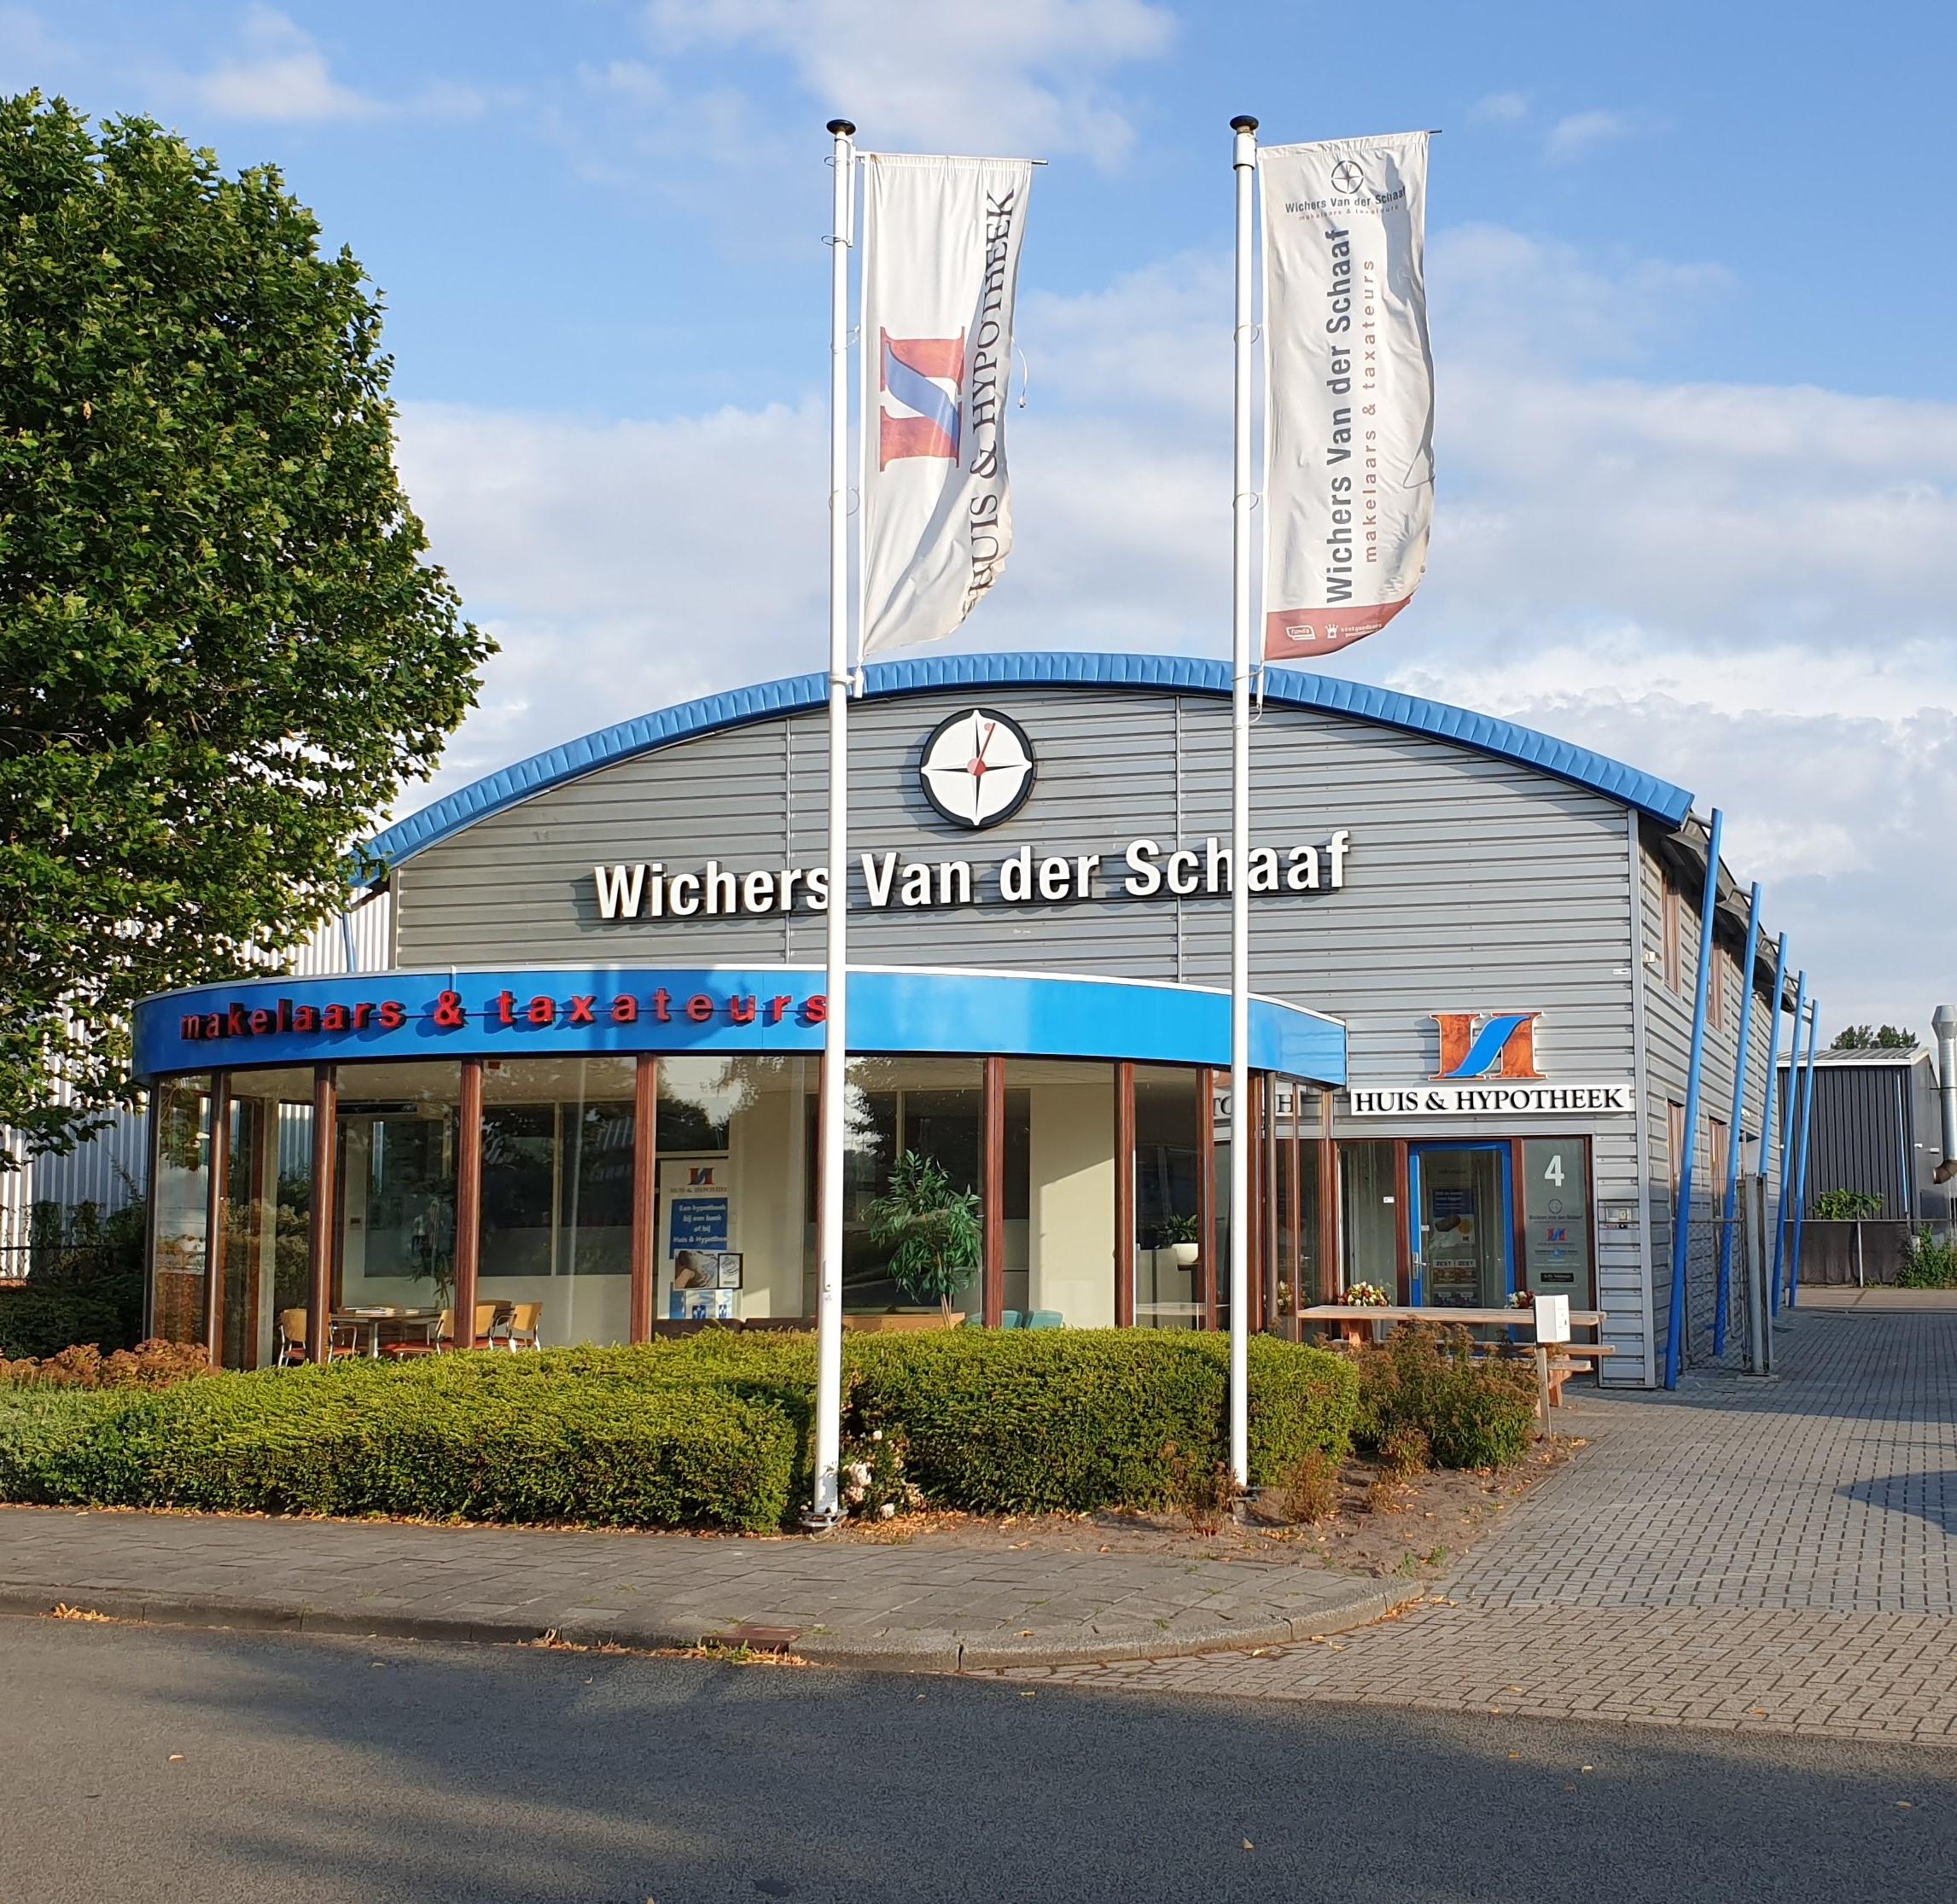 Kantoor Vestiging Wichers Van der Schaaf Makelaars & Taxateurs